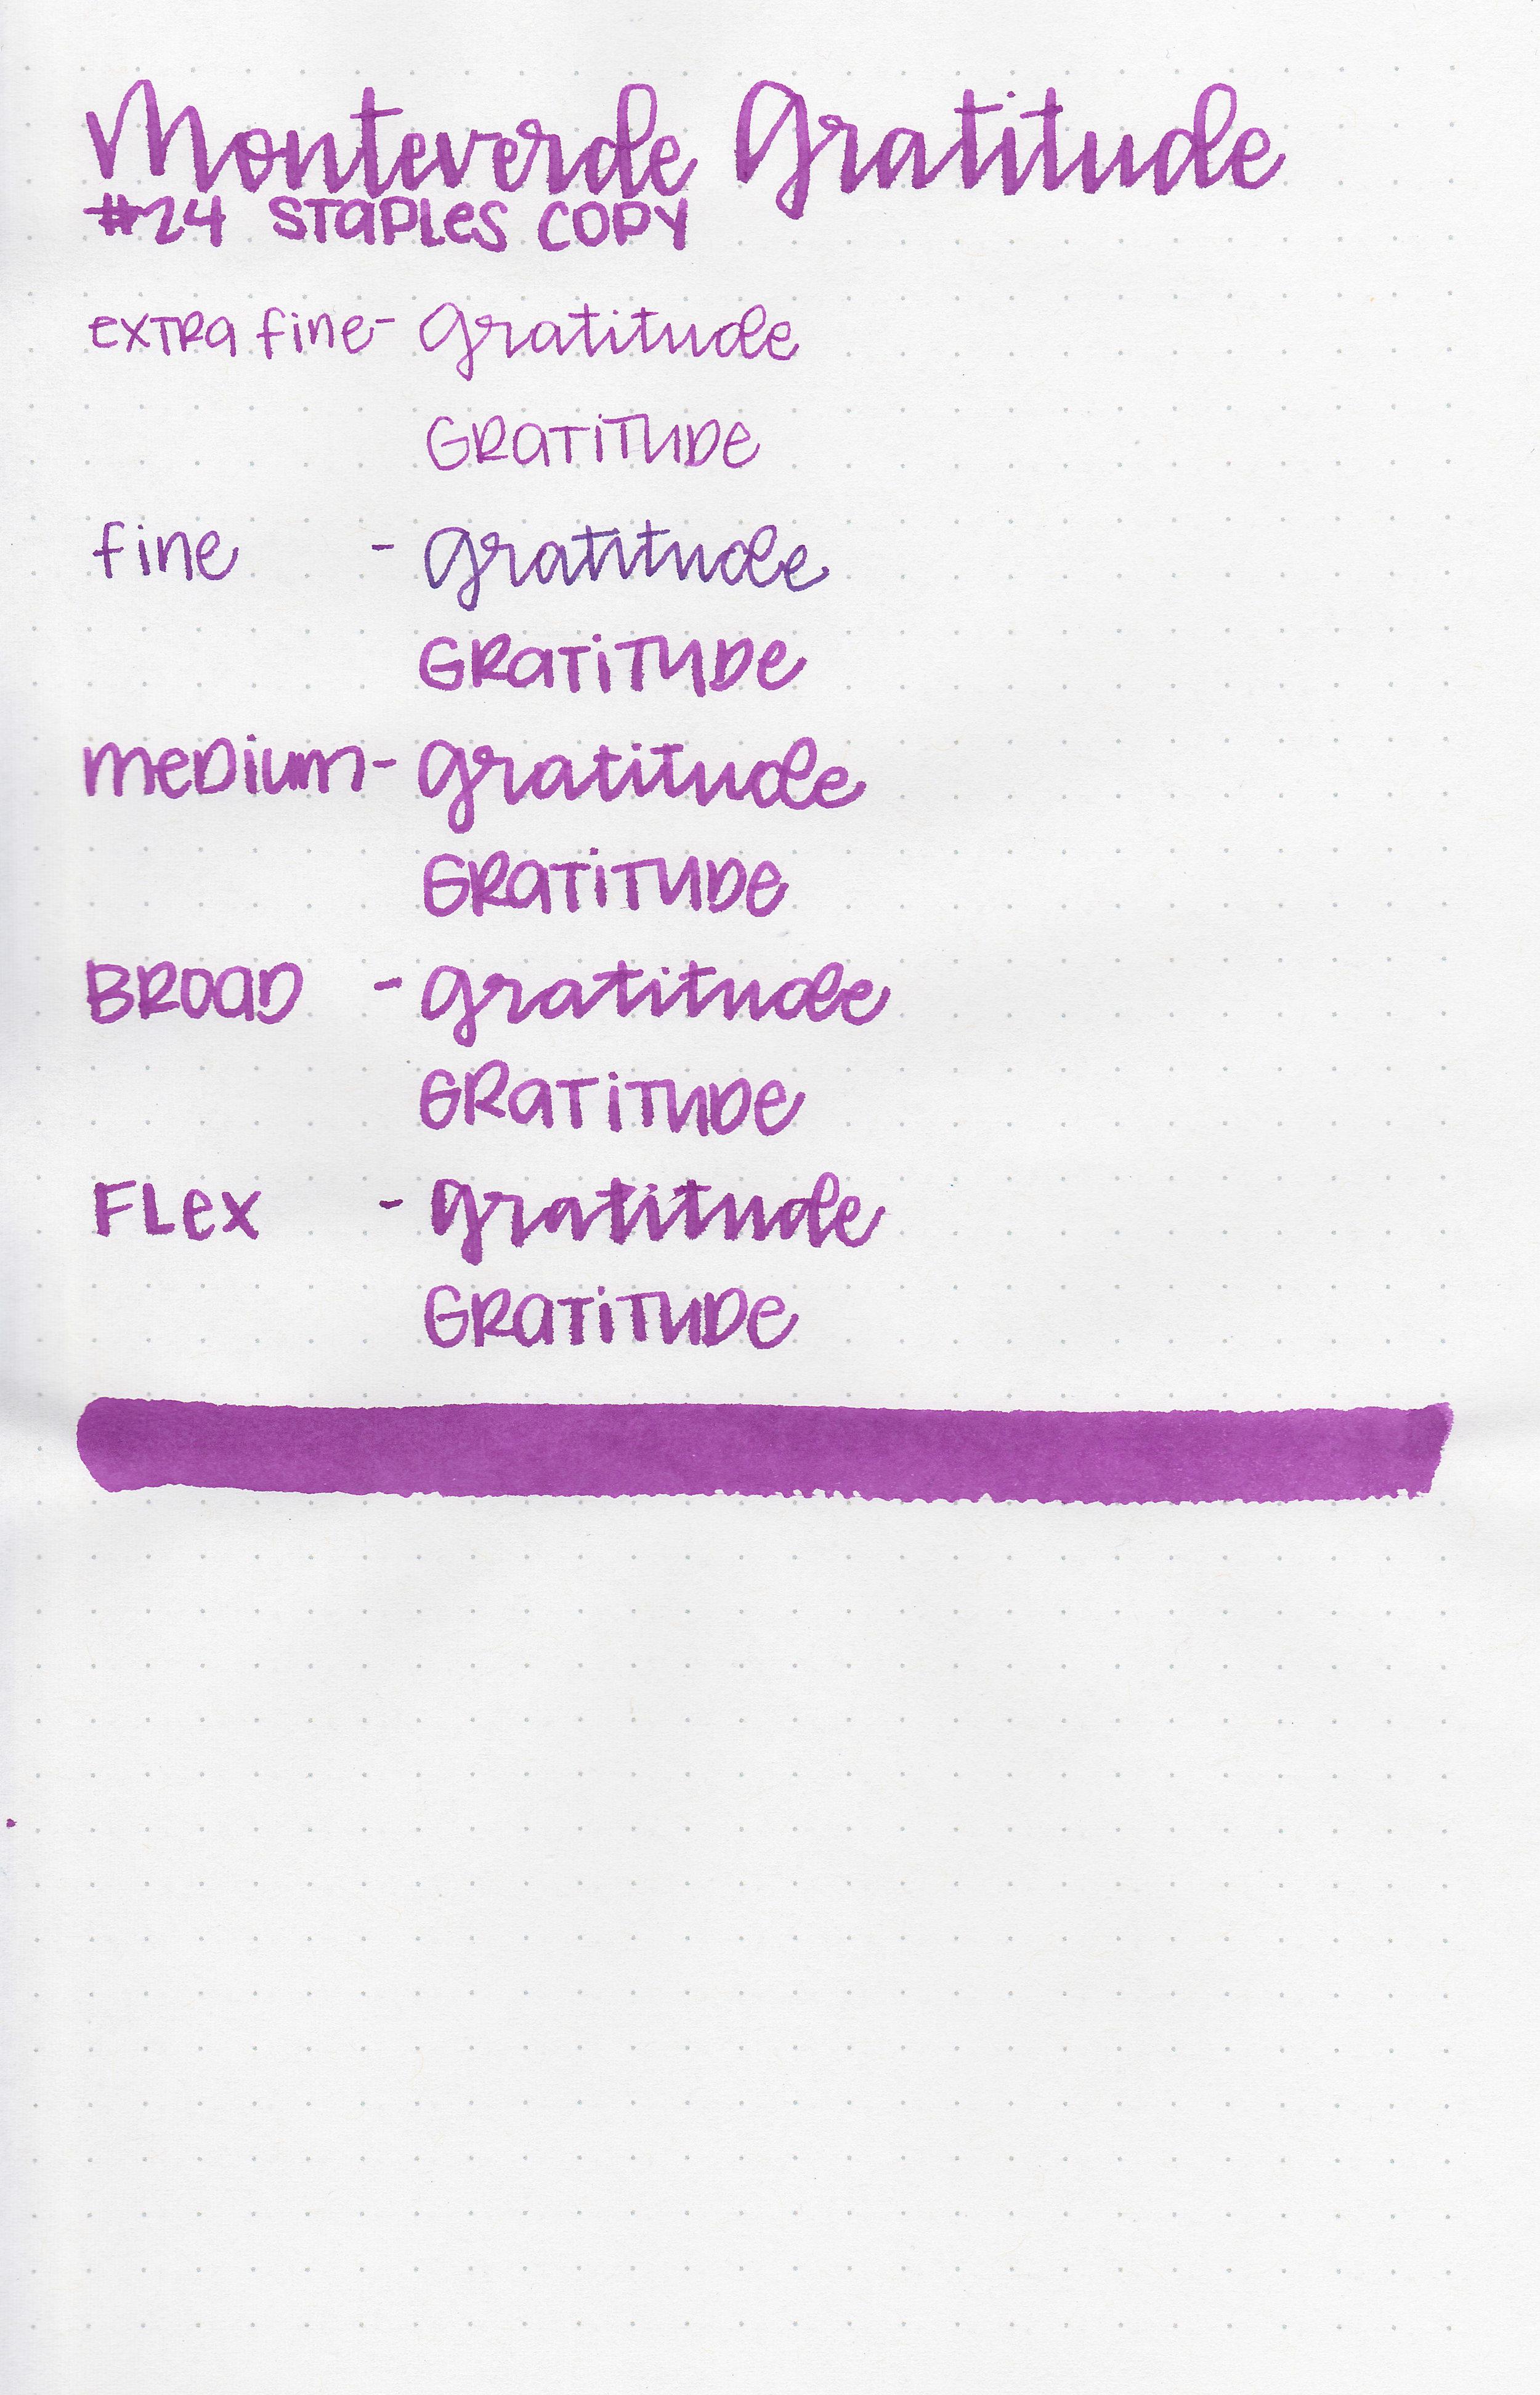 mv-gratitude-11.jpg